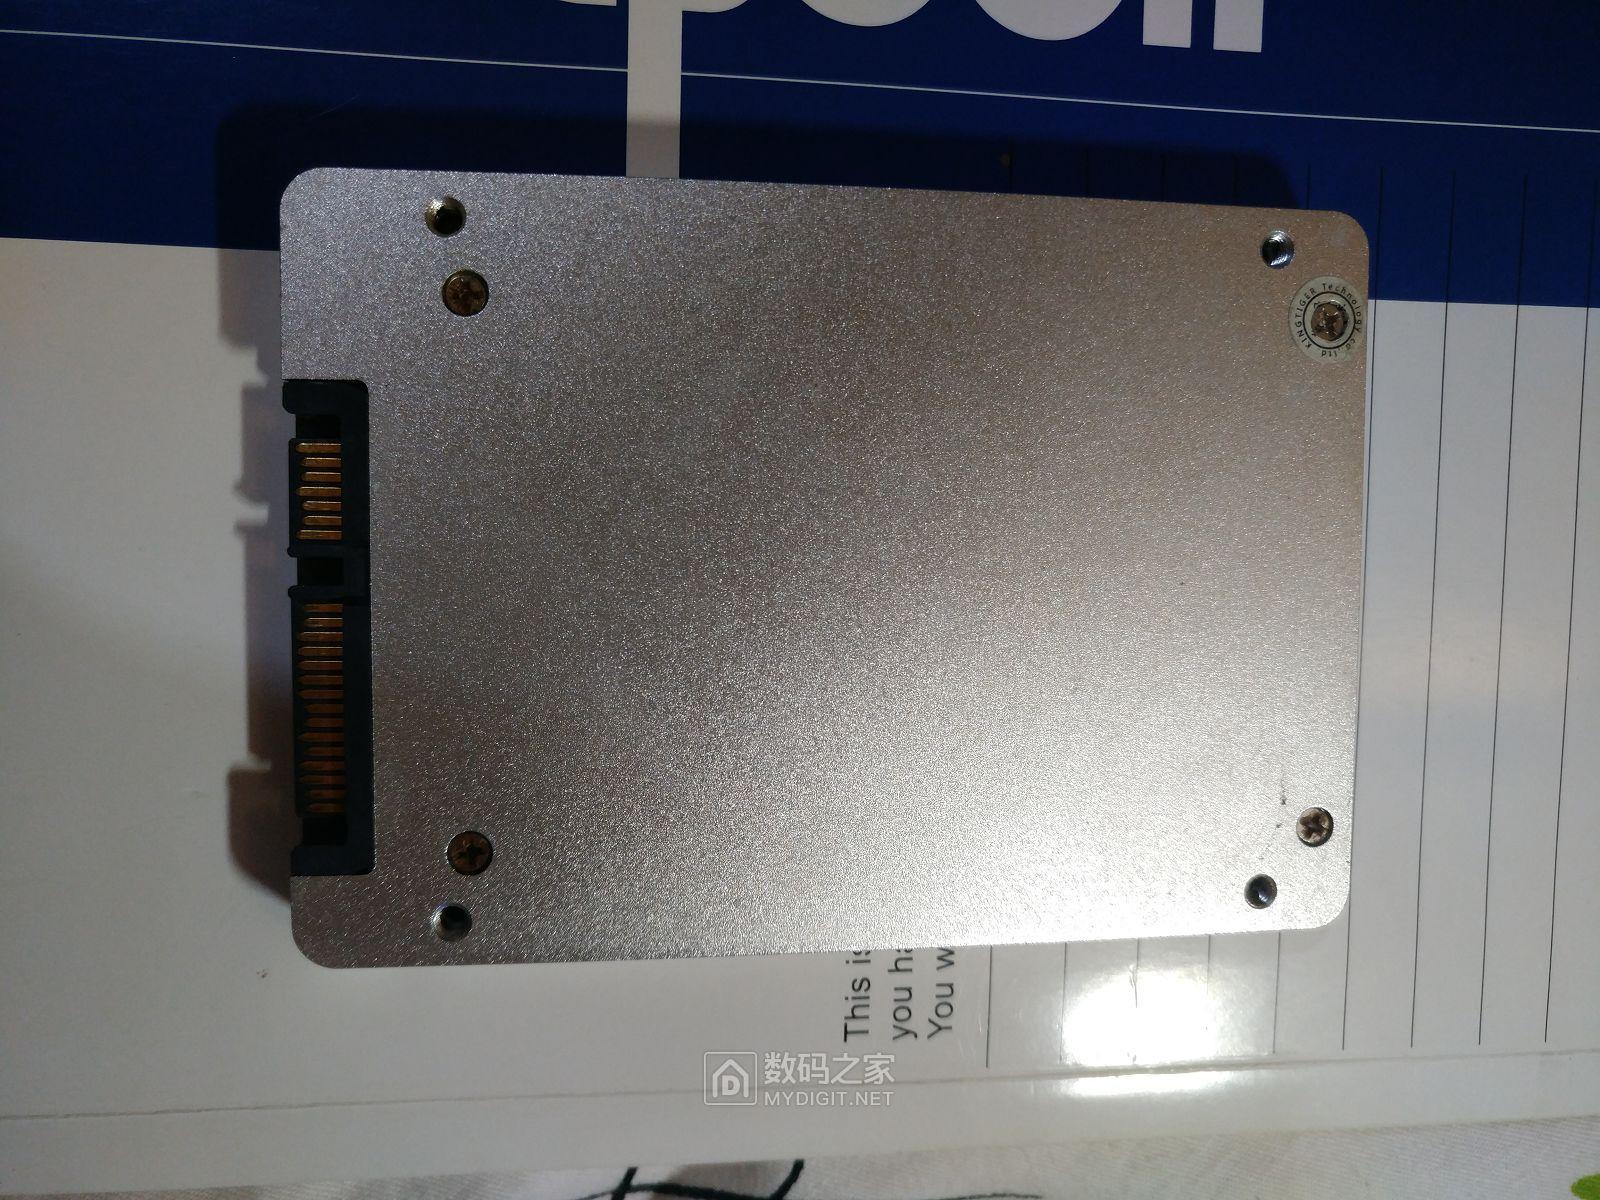 金泰克早期的固态硬盘,用料做工确实不错